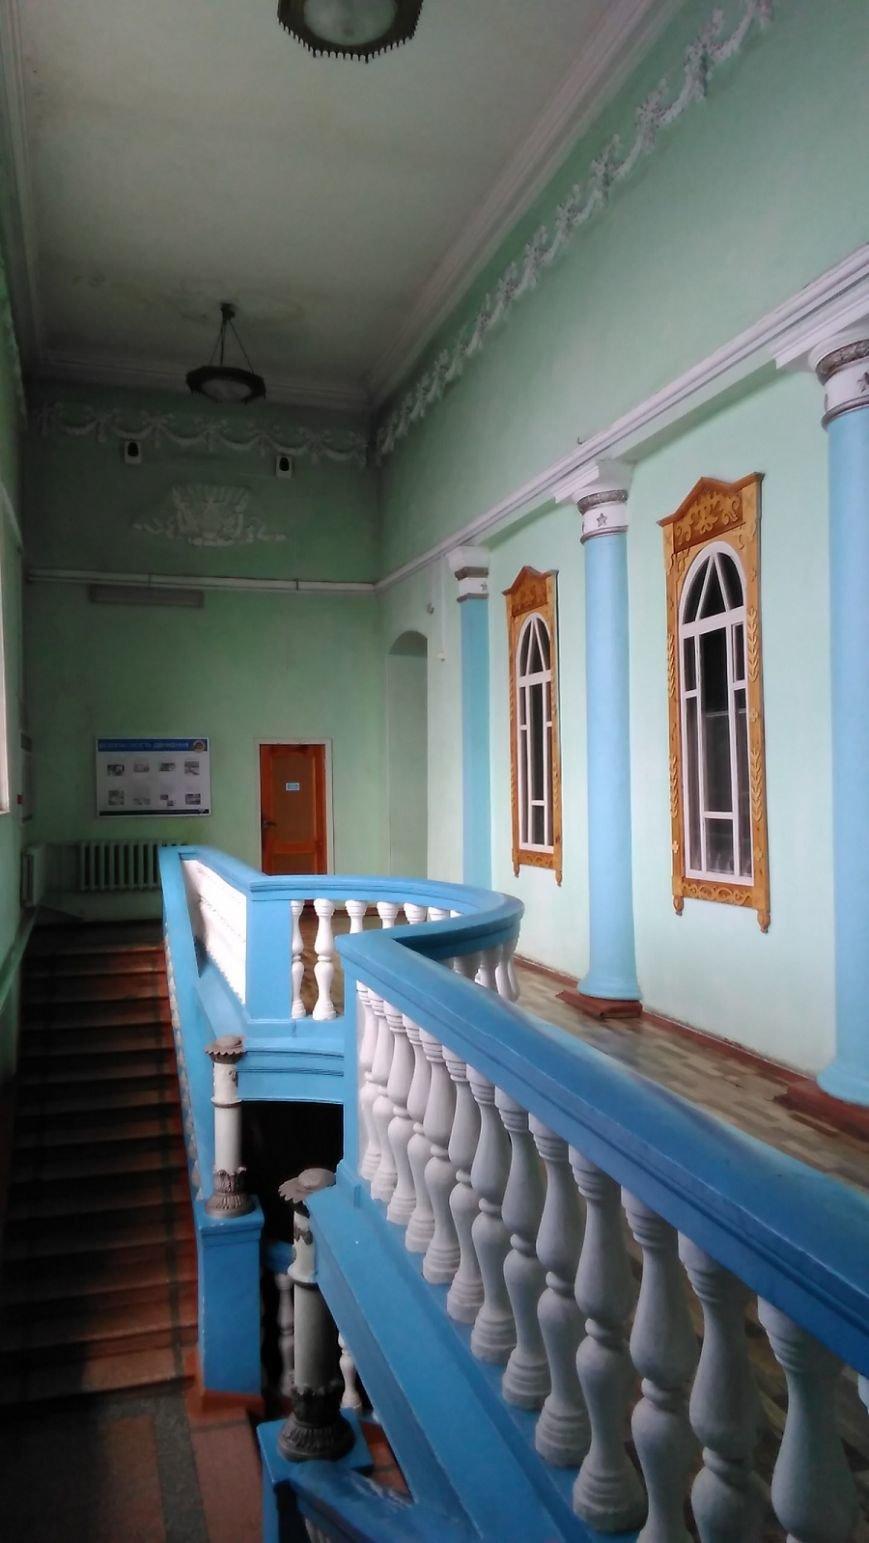 Старый вокзал в Ульяновске стал объектом культурного наследия. ФОТО, фото-2